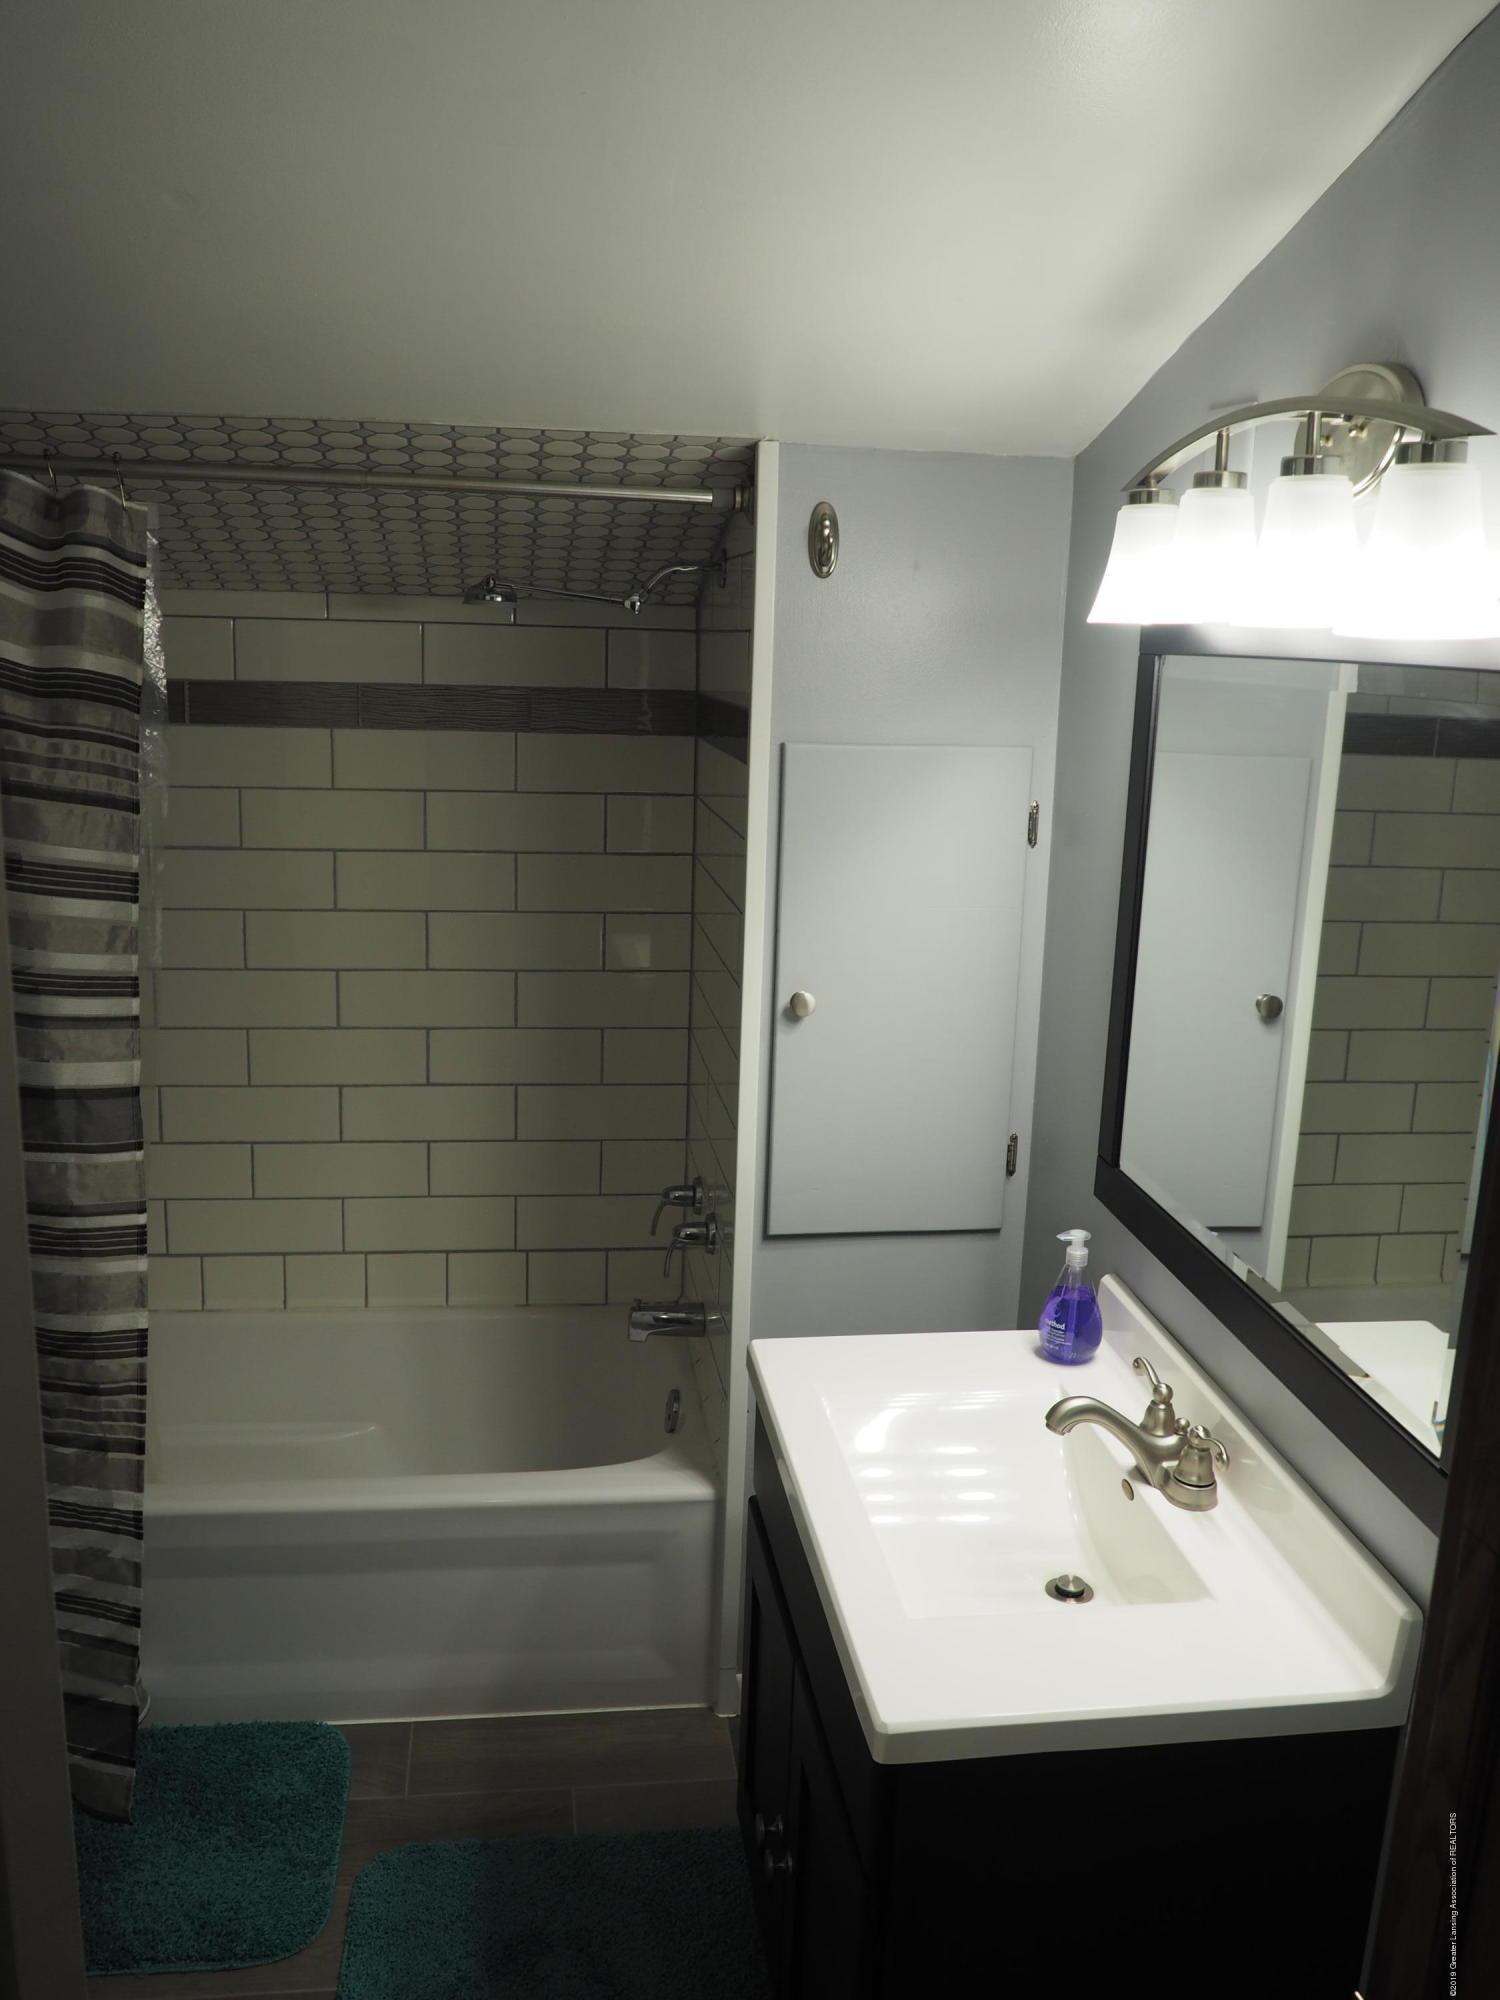 2142 Ewers Rd - Upstairs Bathroom - 14